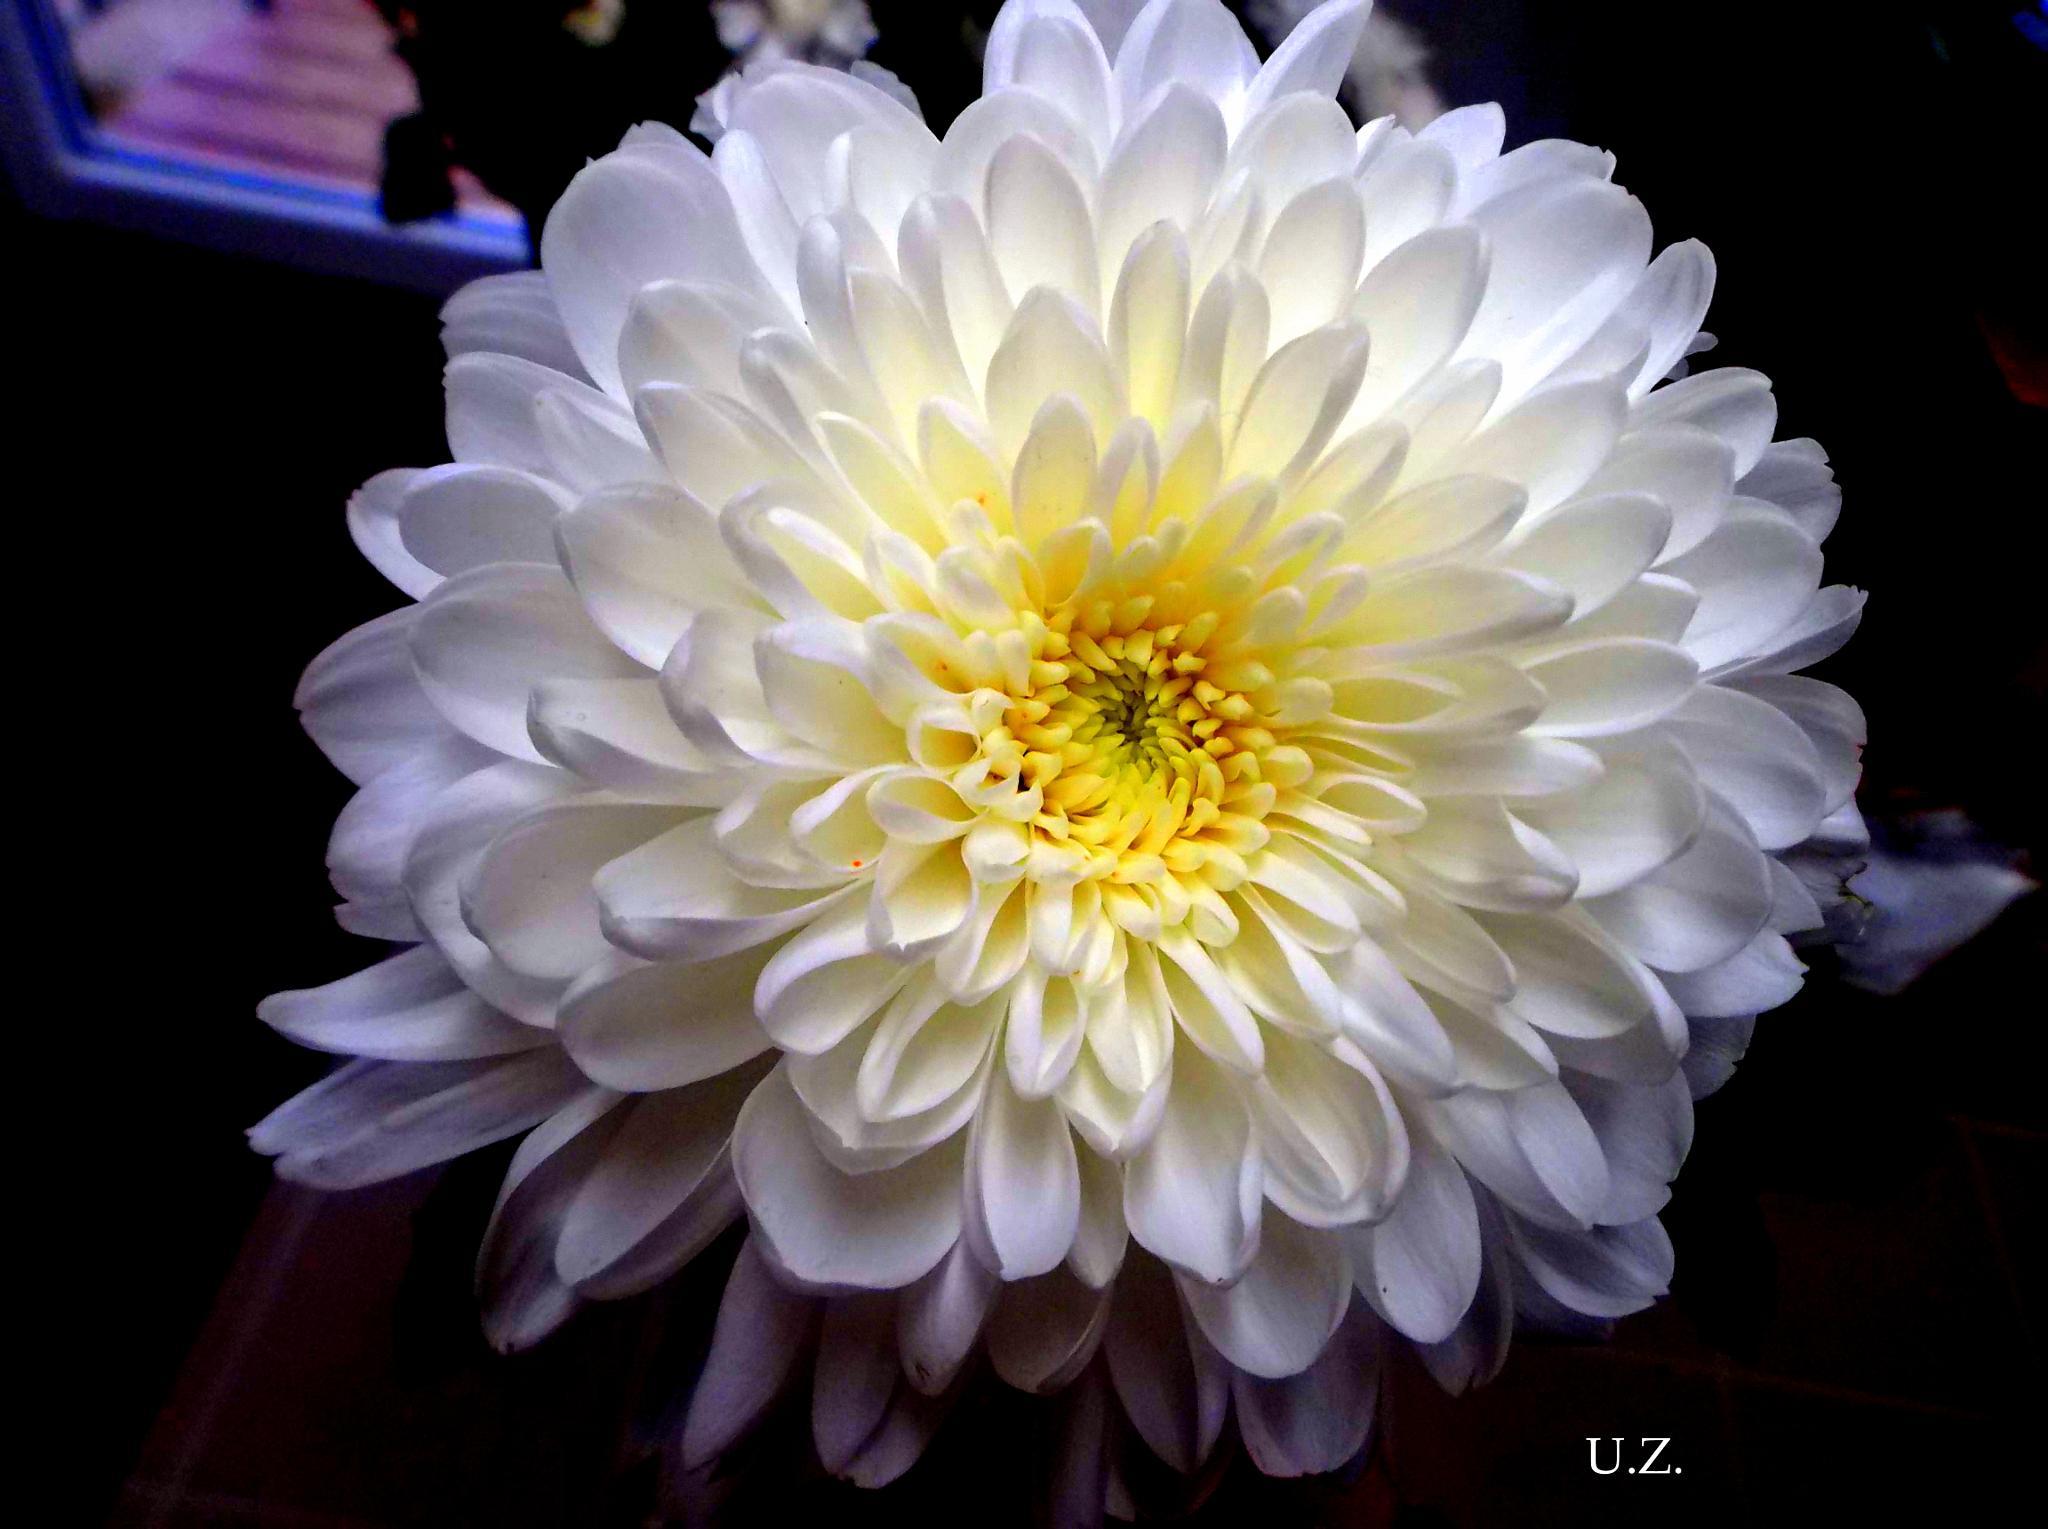 Chrysanthemum by Zita Užkuraitienė